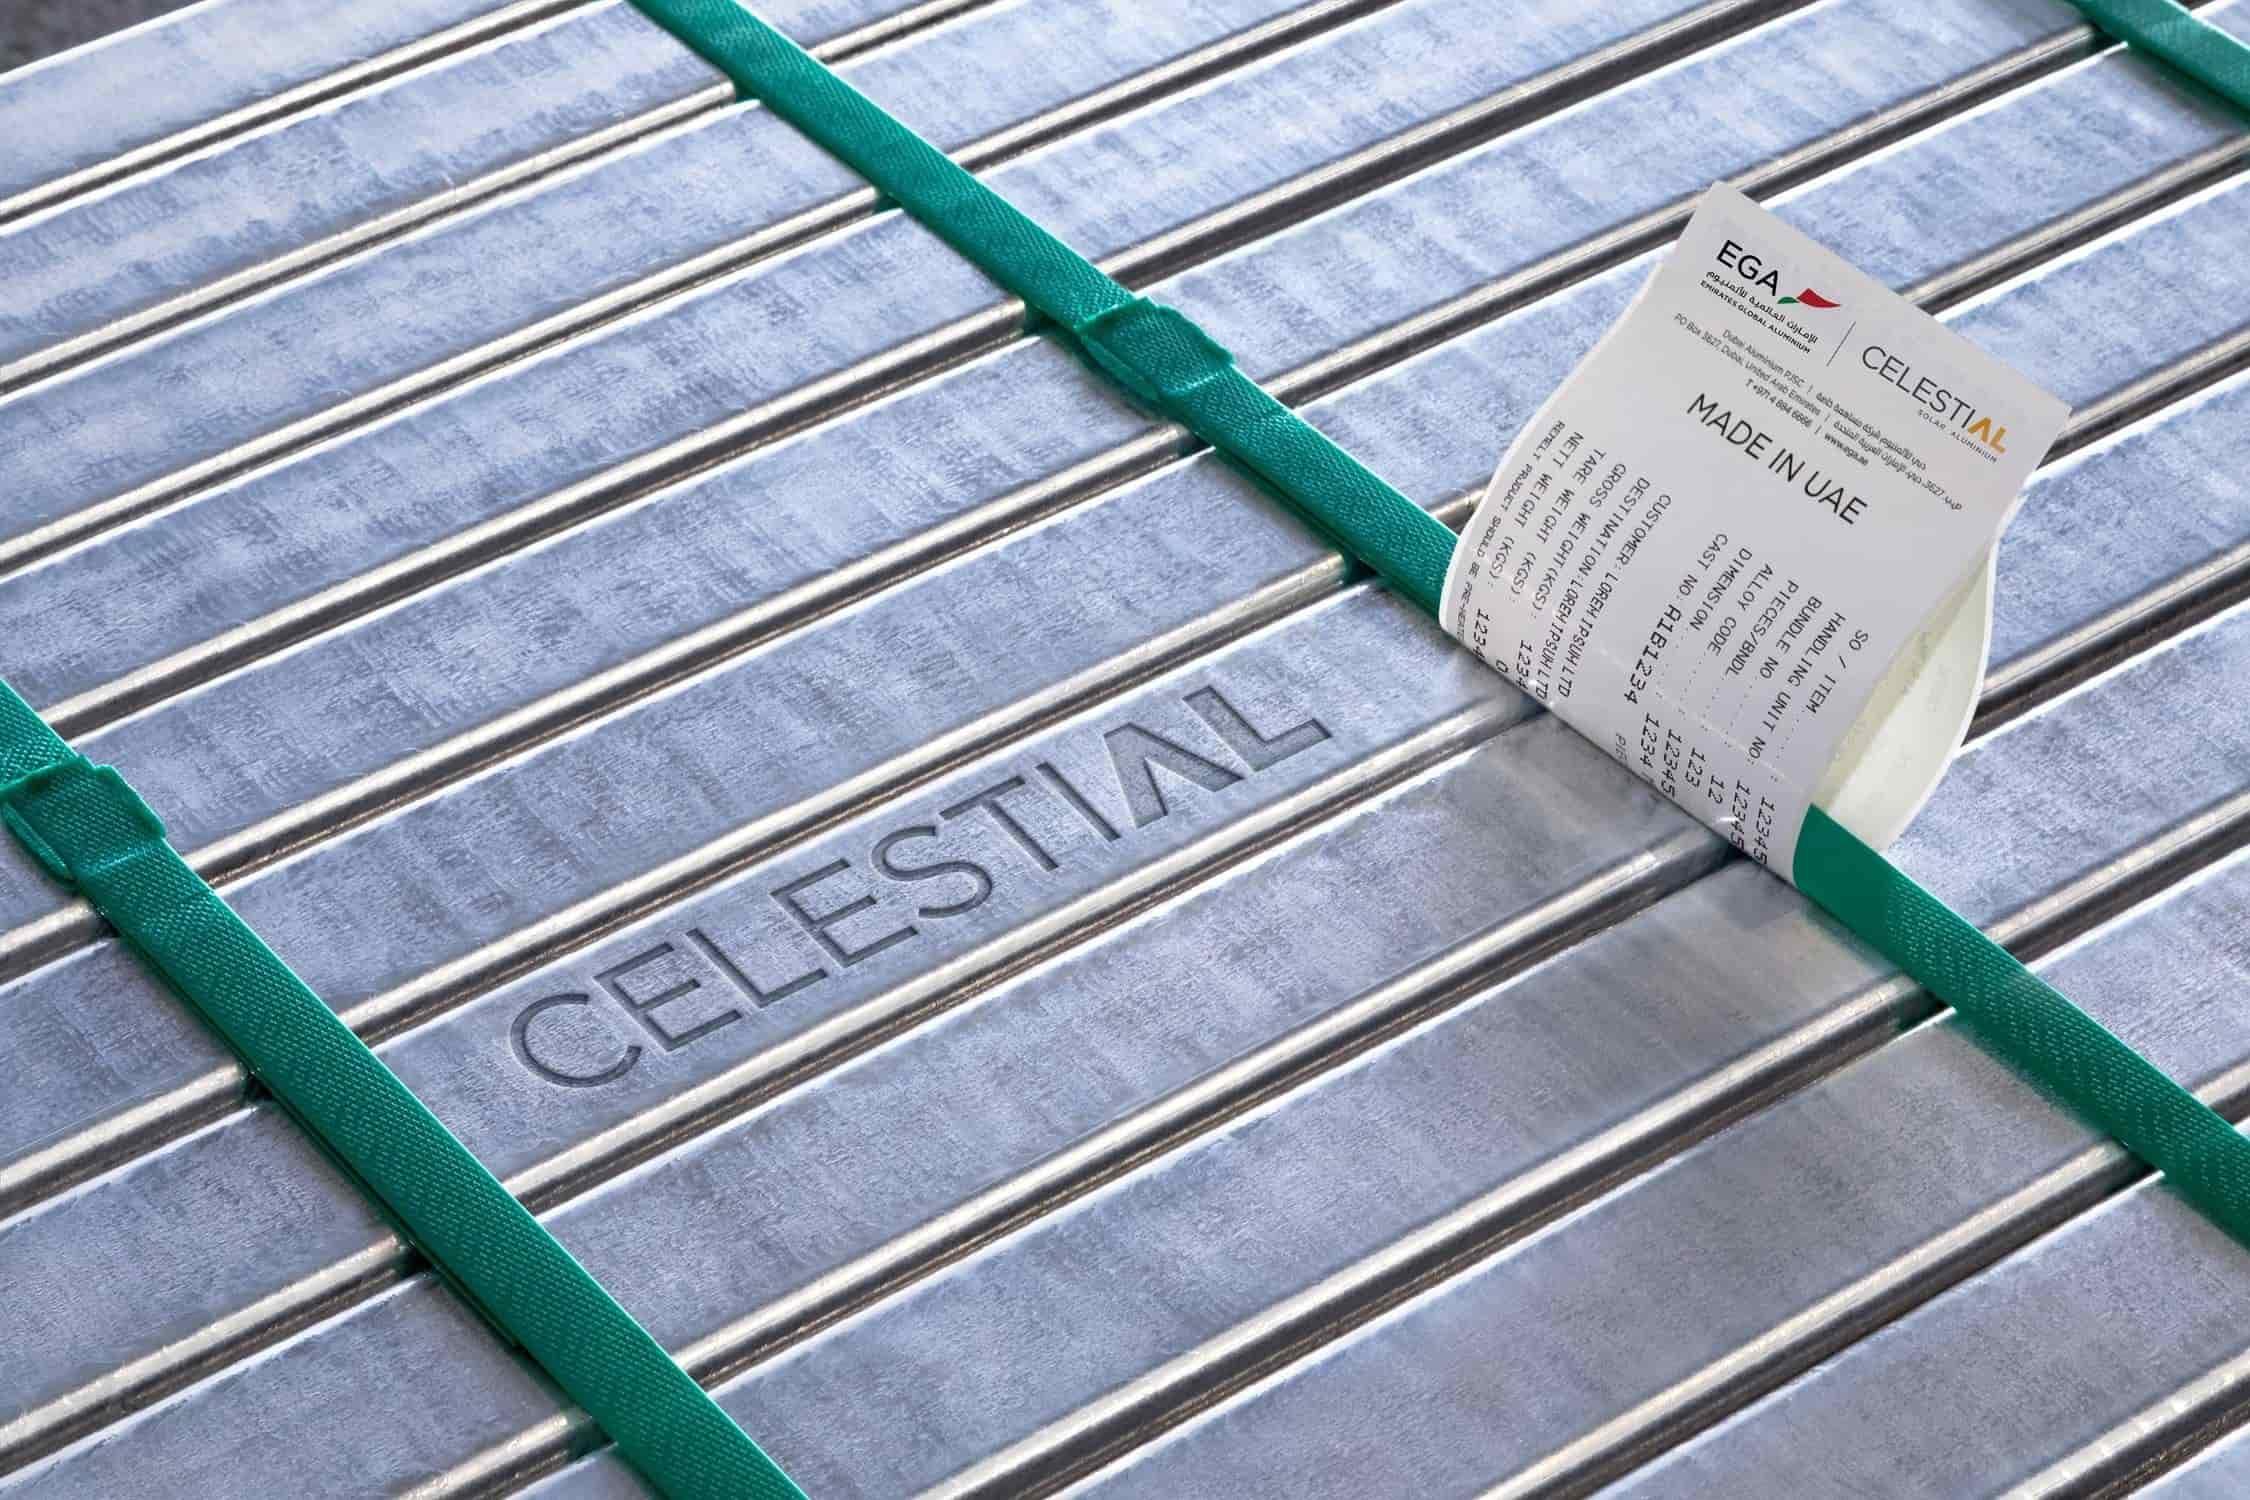 El producto de Emirates Global Aluminium CelestiAL Aluminium